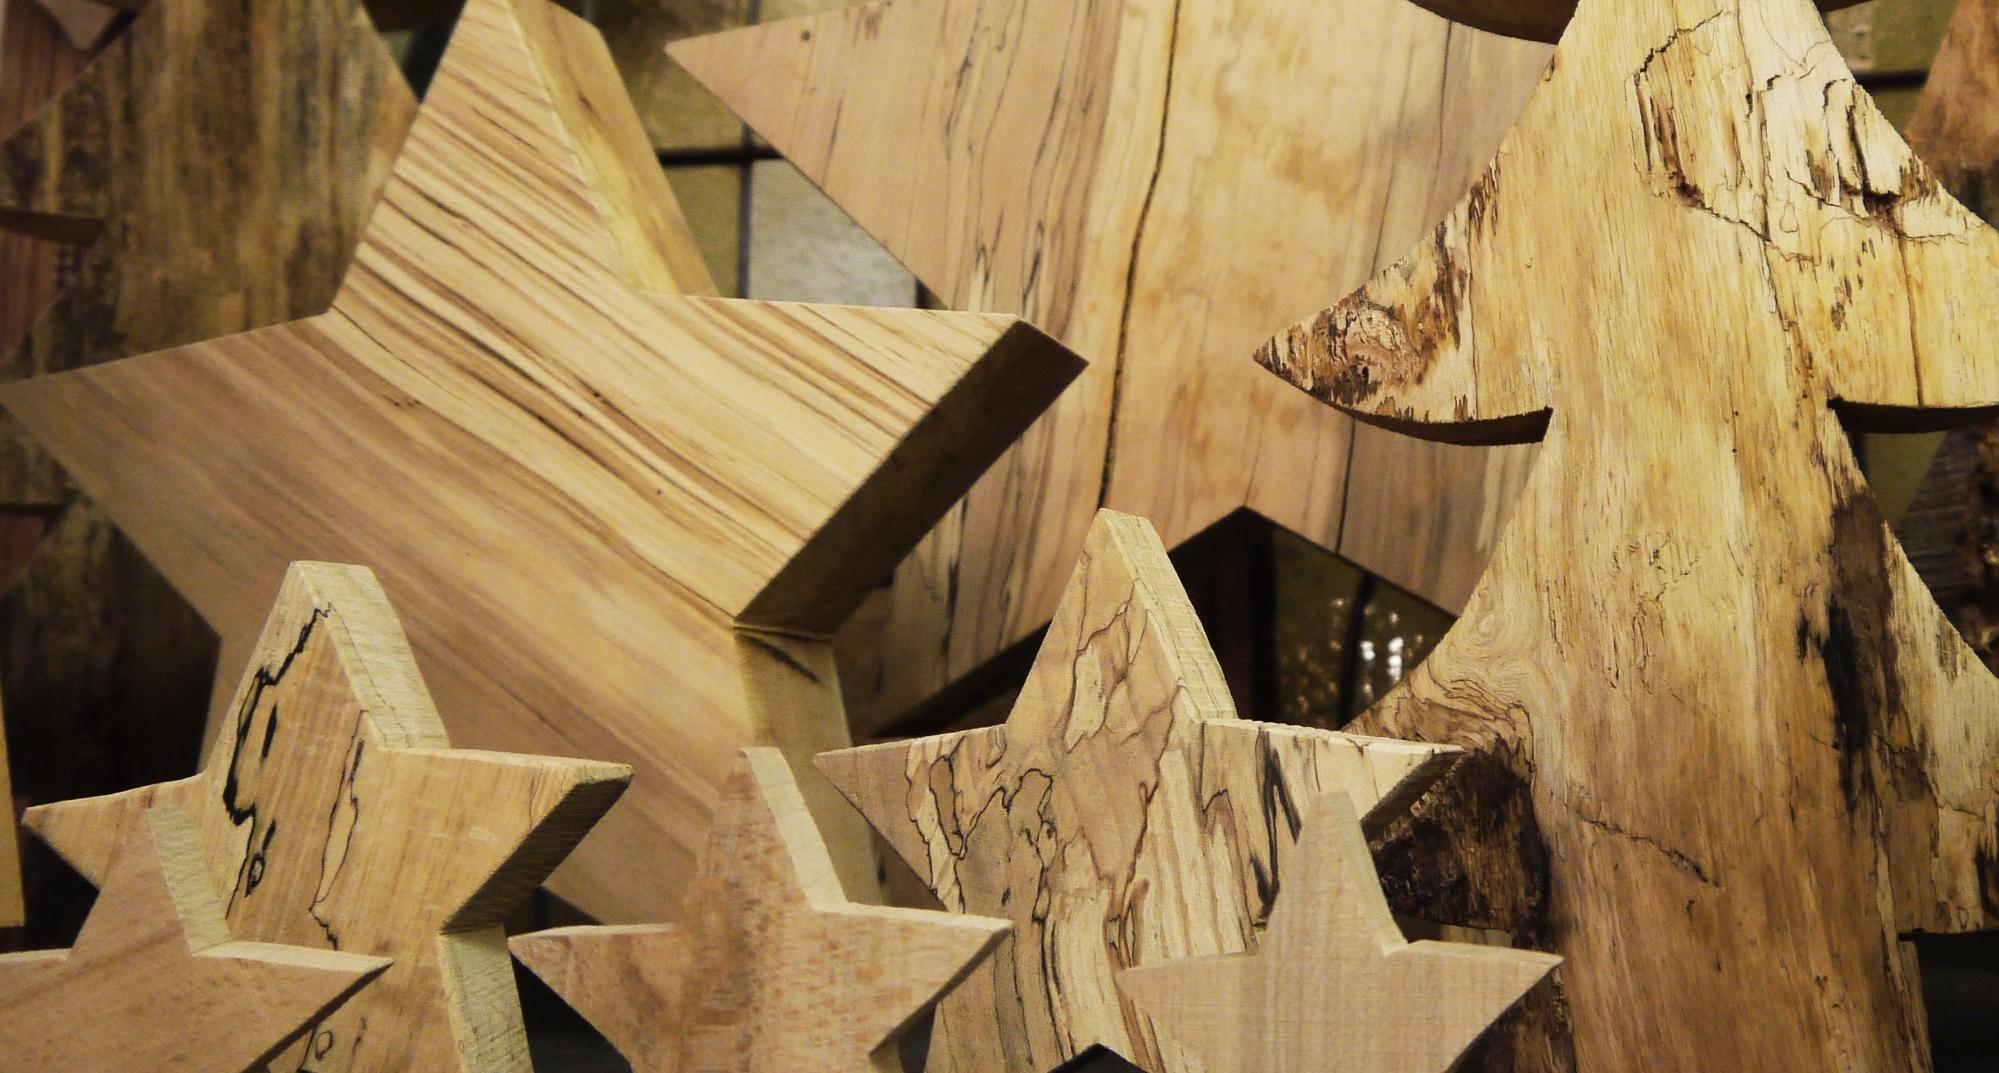 Wohnaccessoires Aus Holz Holzliebe Iserlohn Geschenke Aus Holz